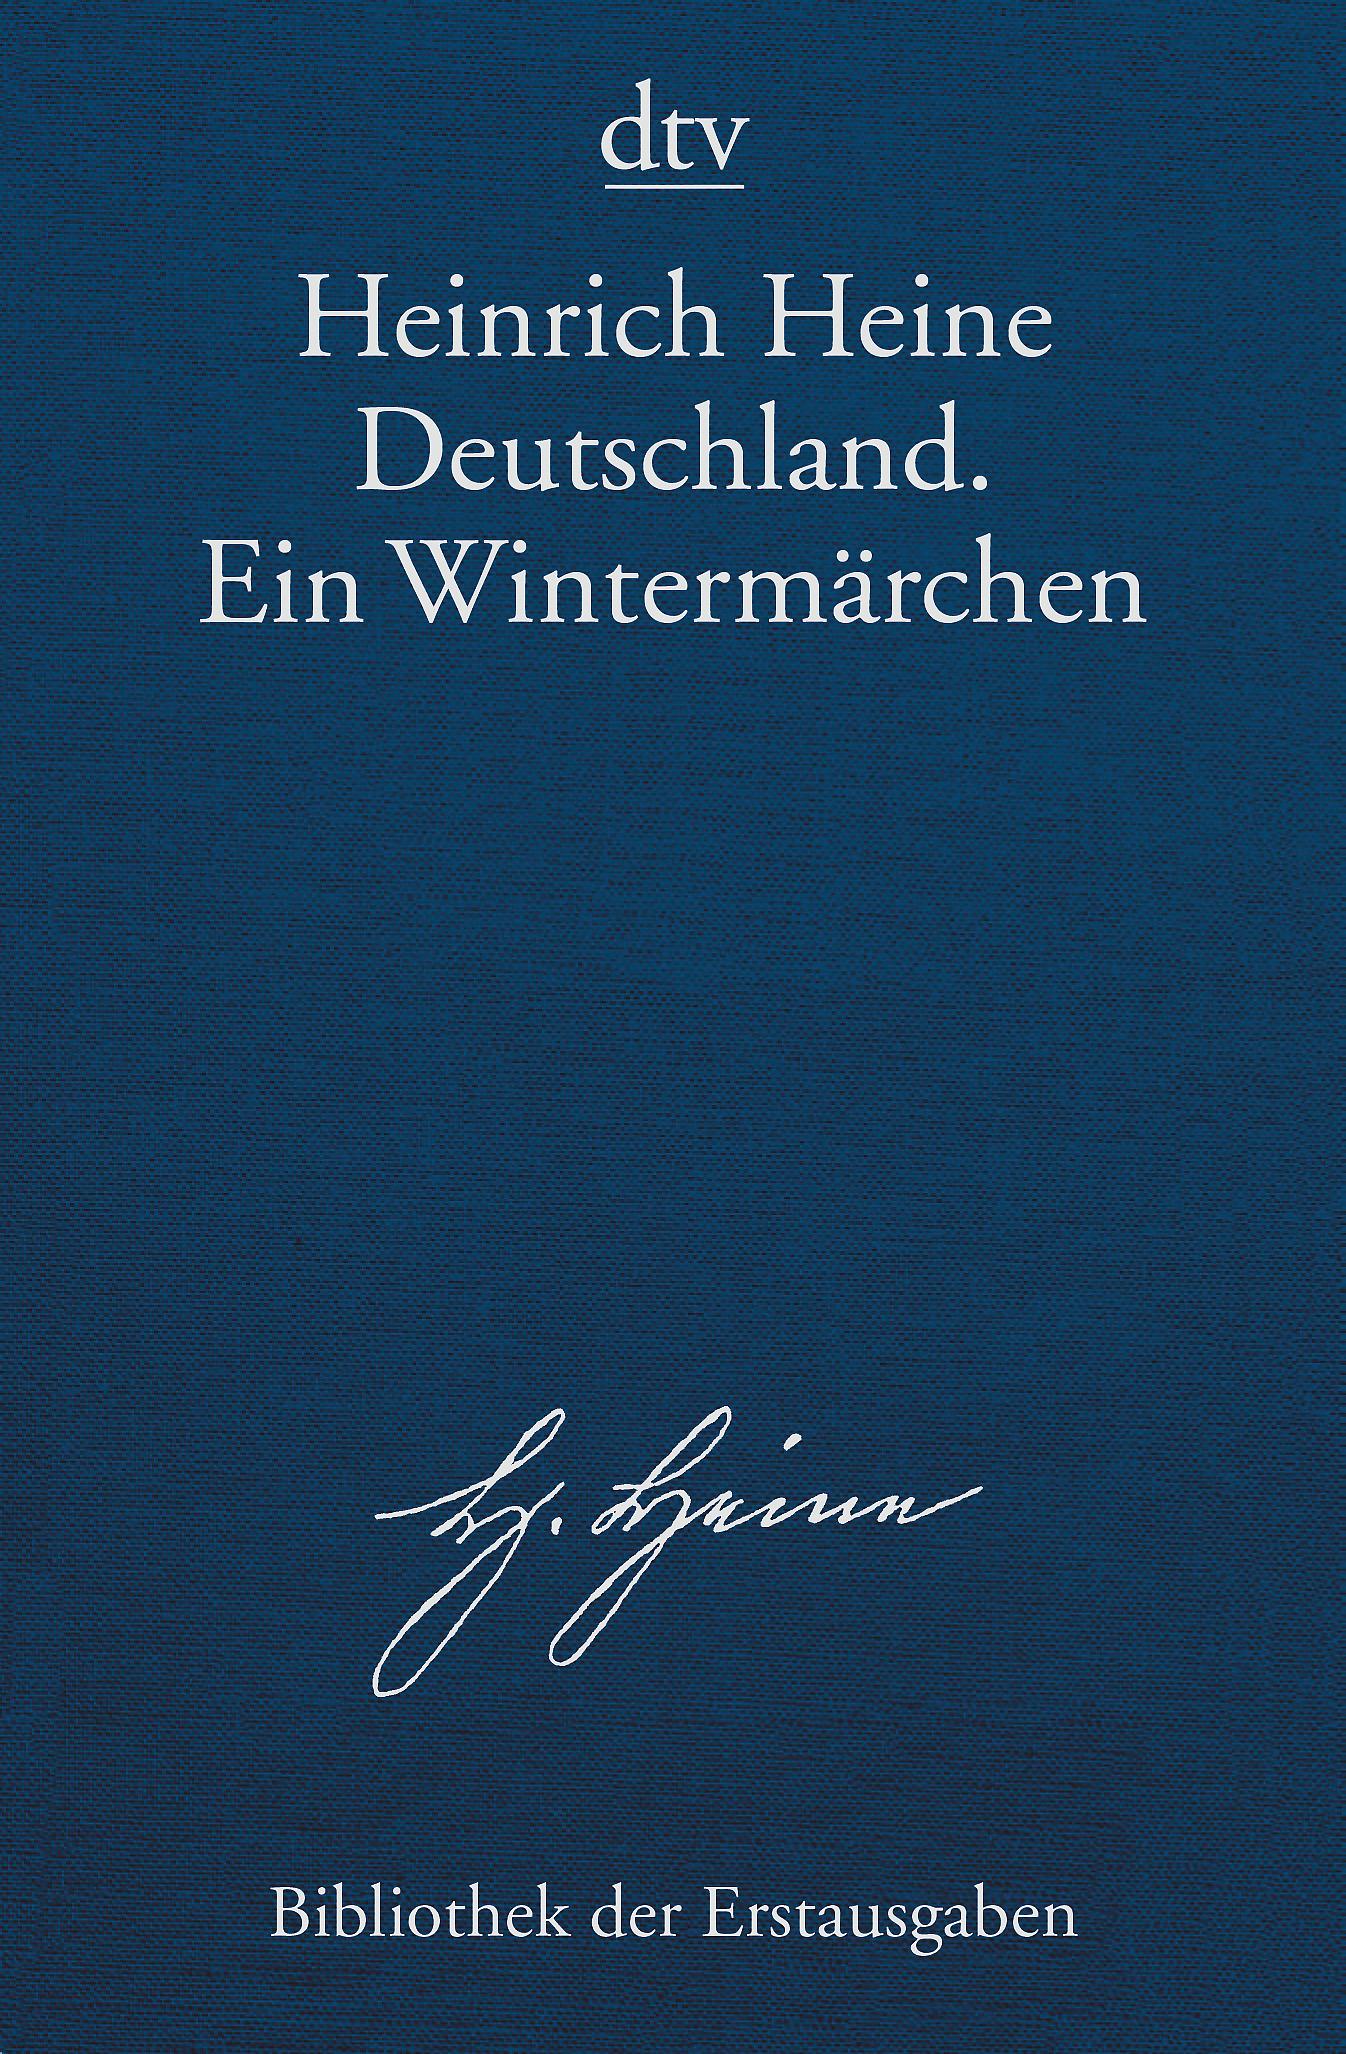 Deutschland. Ein Wintermährchen